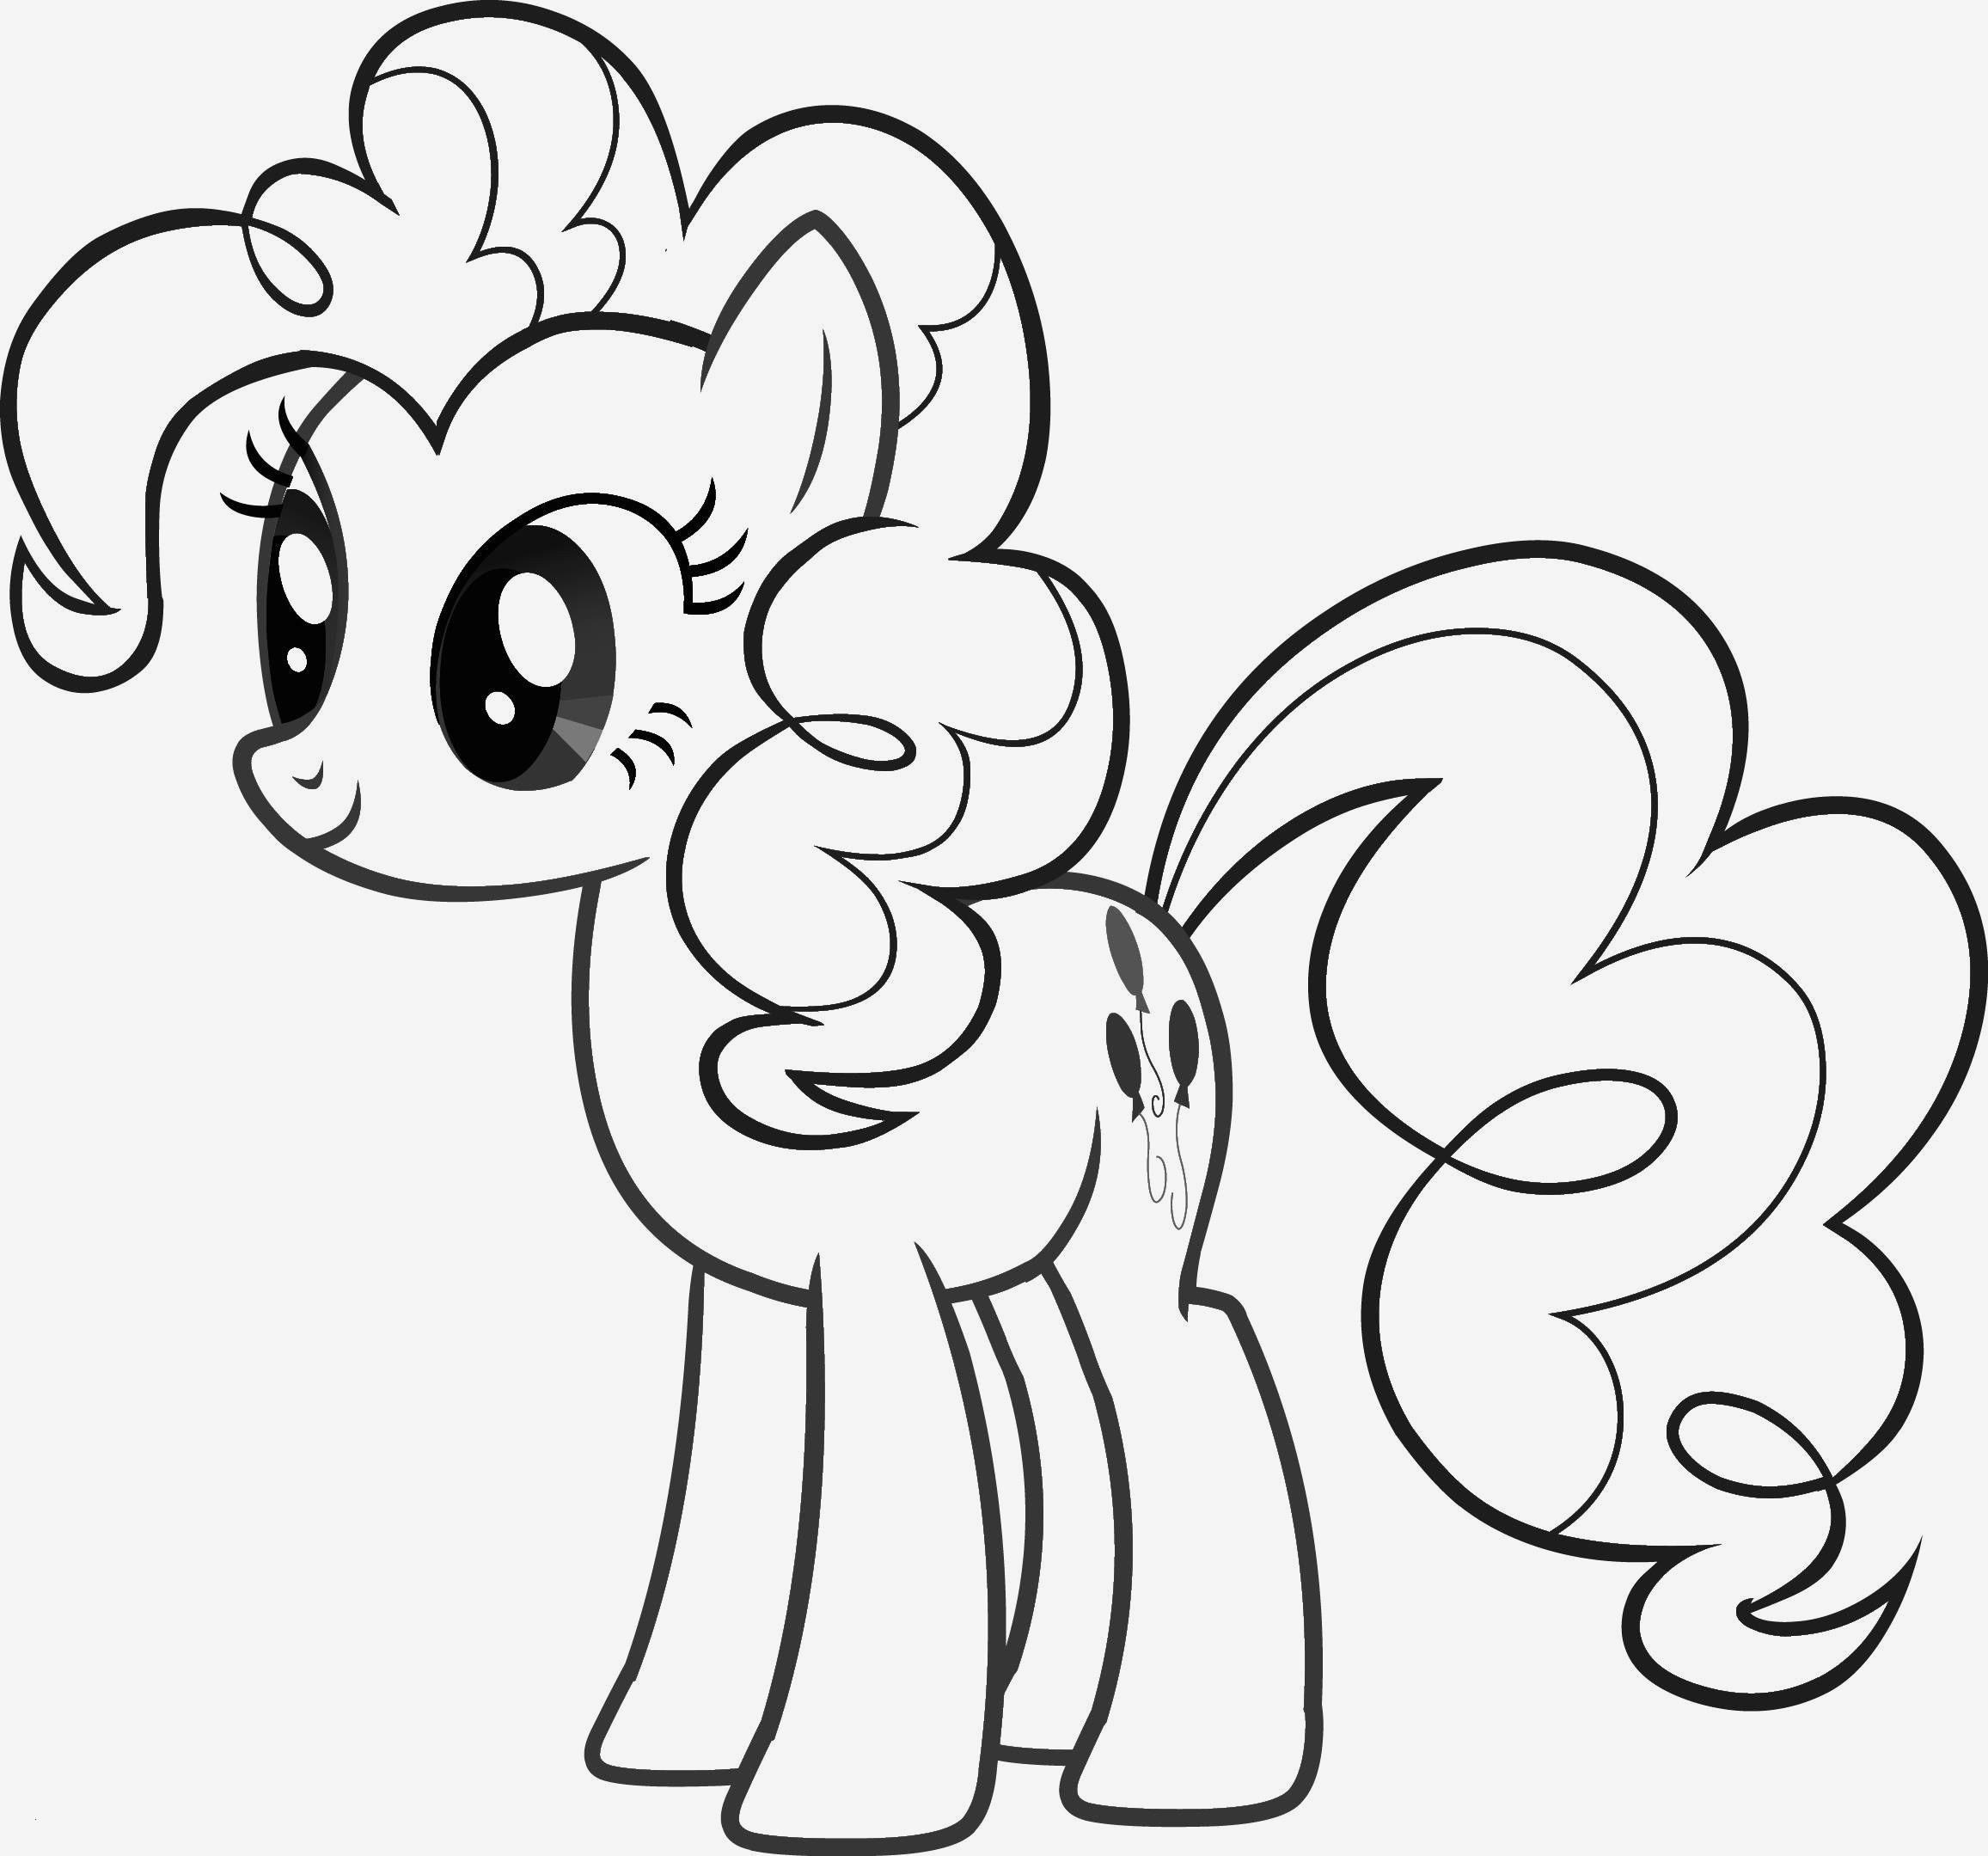 My Little Pony Bilder Zum Ausdrucken Frisch Ausmalbilder My Little Pony Zum Drucken Neu 37 My Little Pony Pinkie Bilder